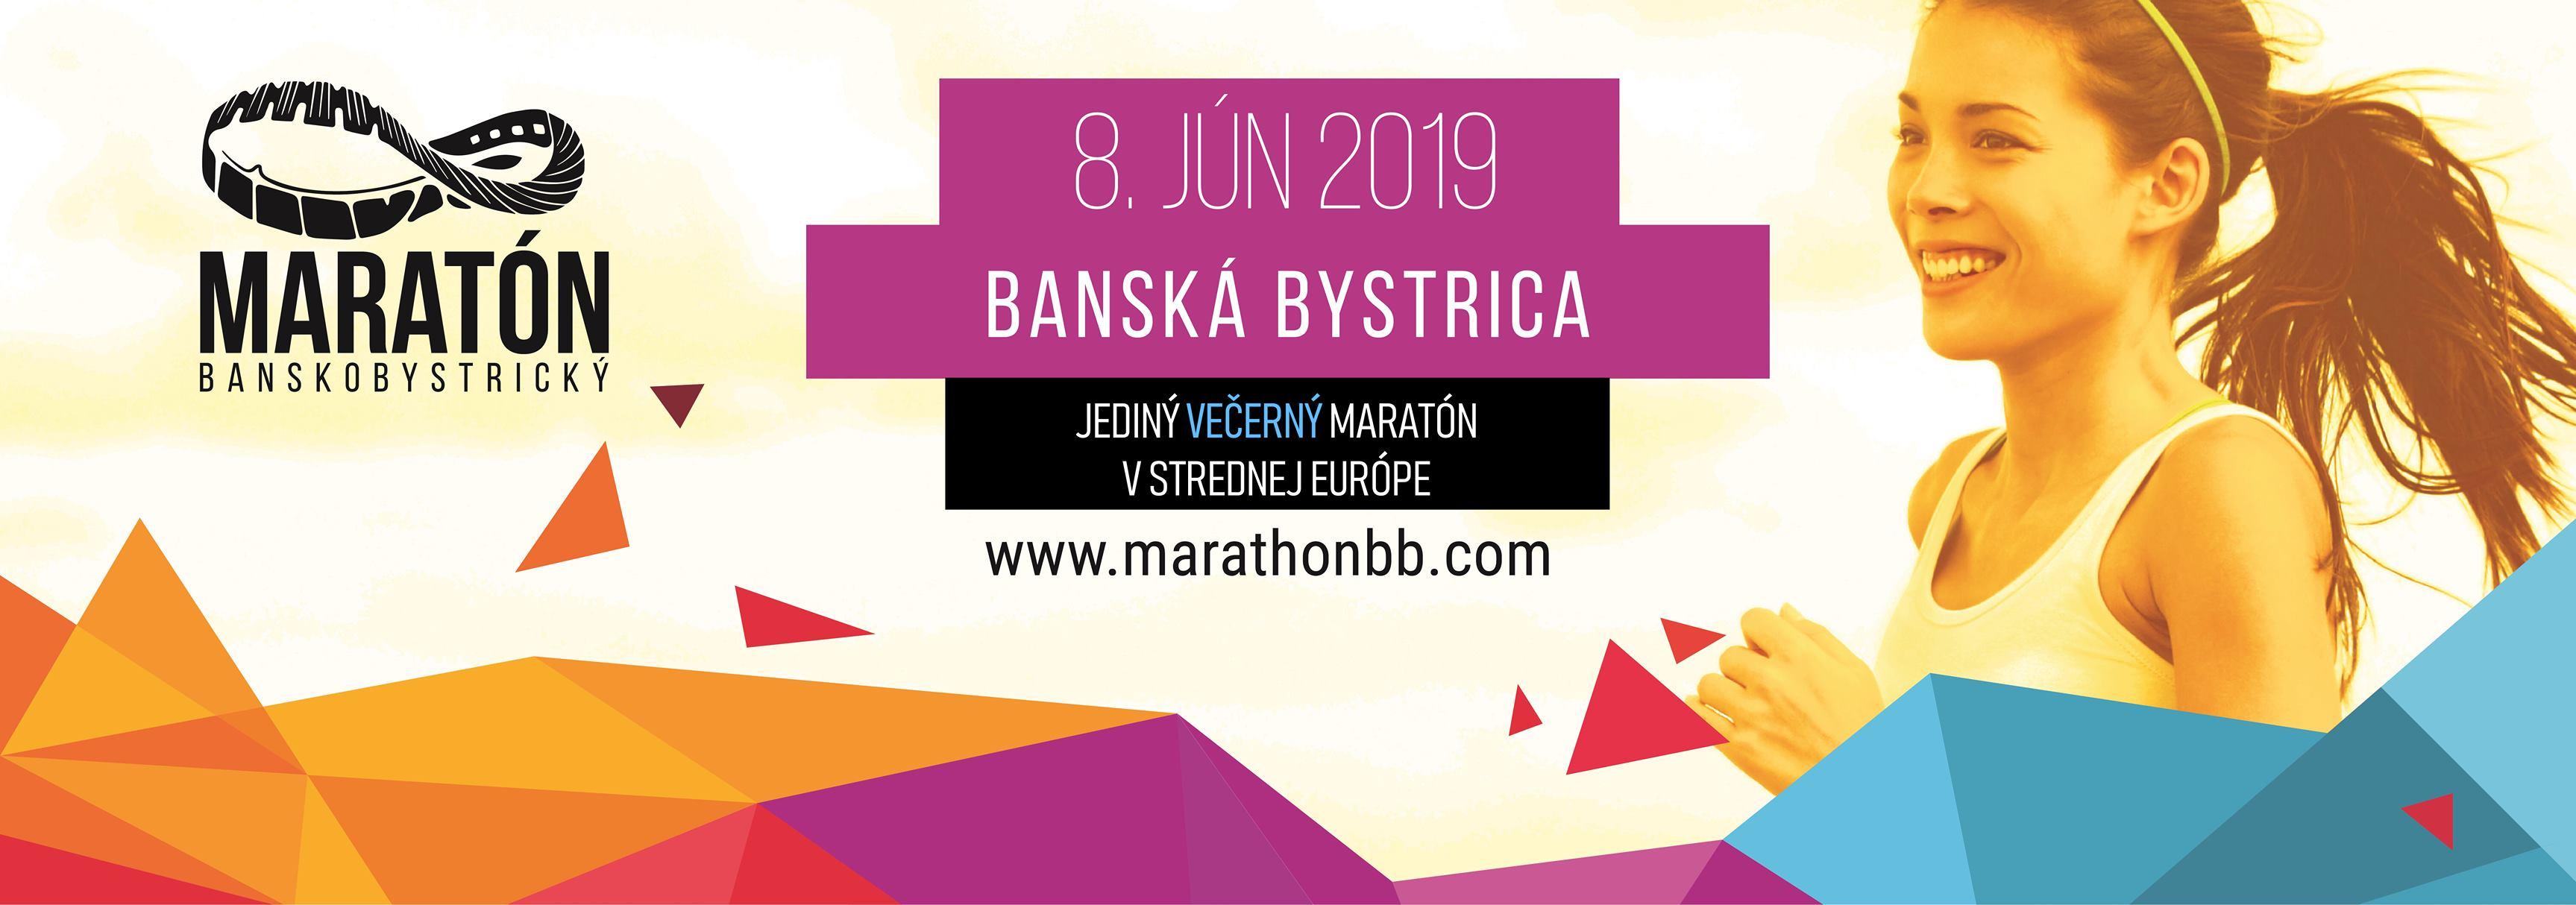 Banskobystrický maratón